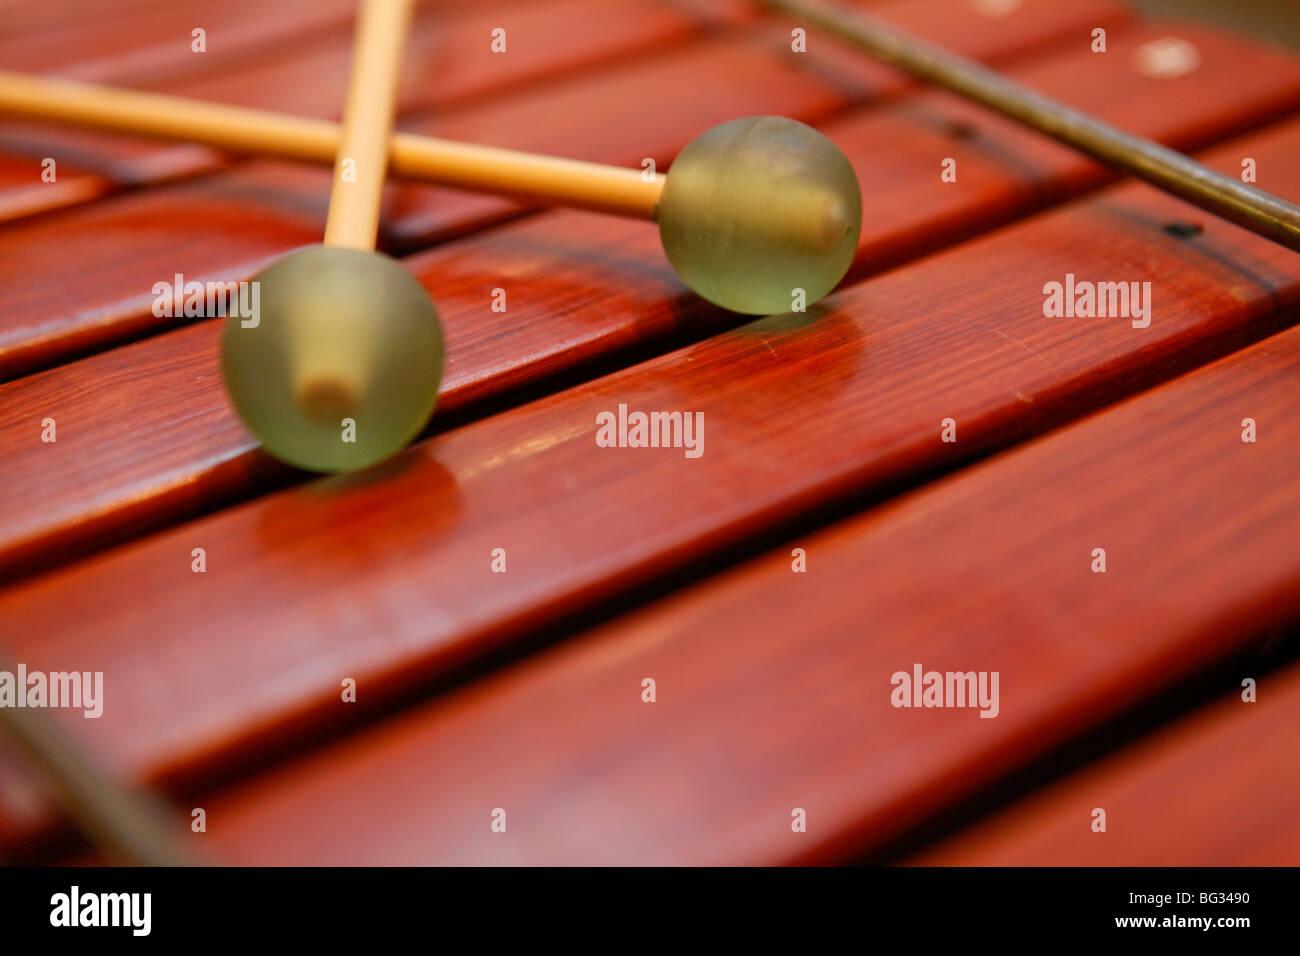 Glockenspiel, wooden musical instrument. xylophone - Stock Image